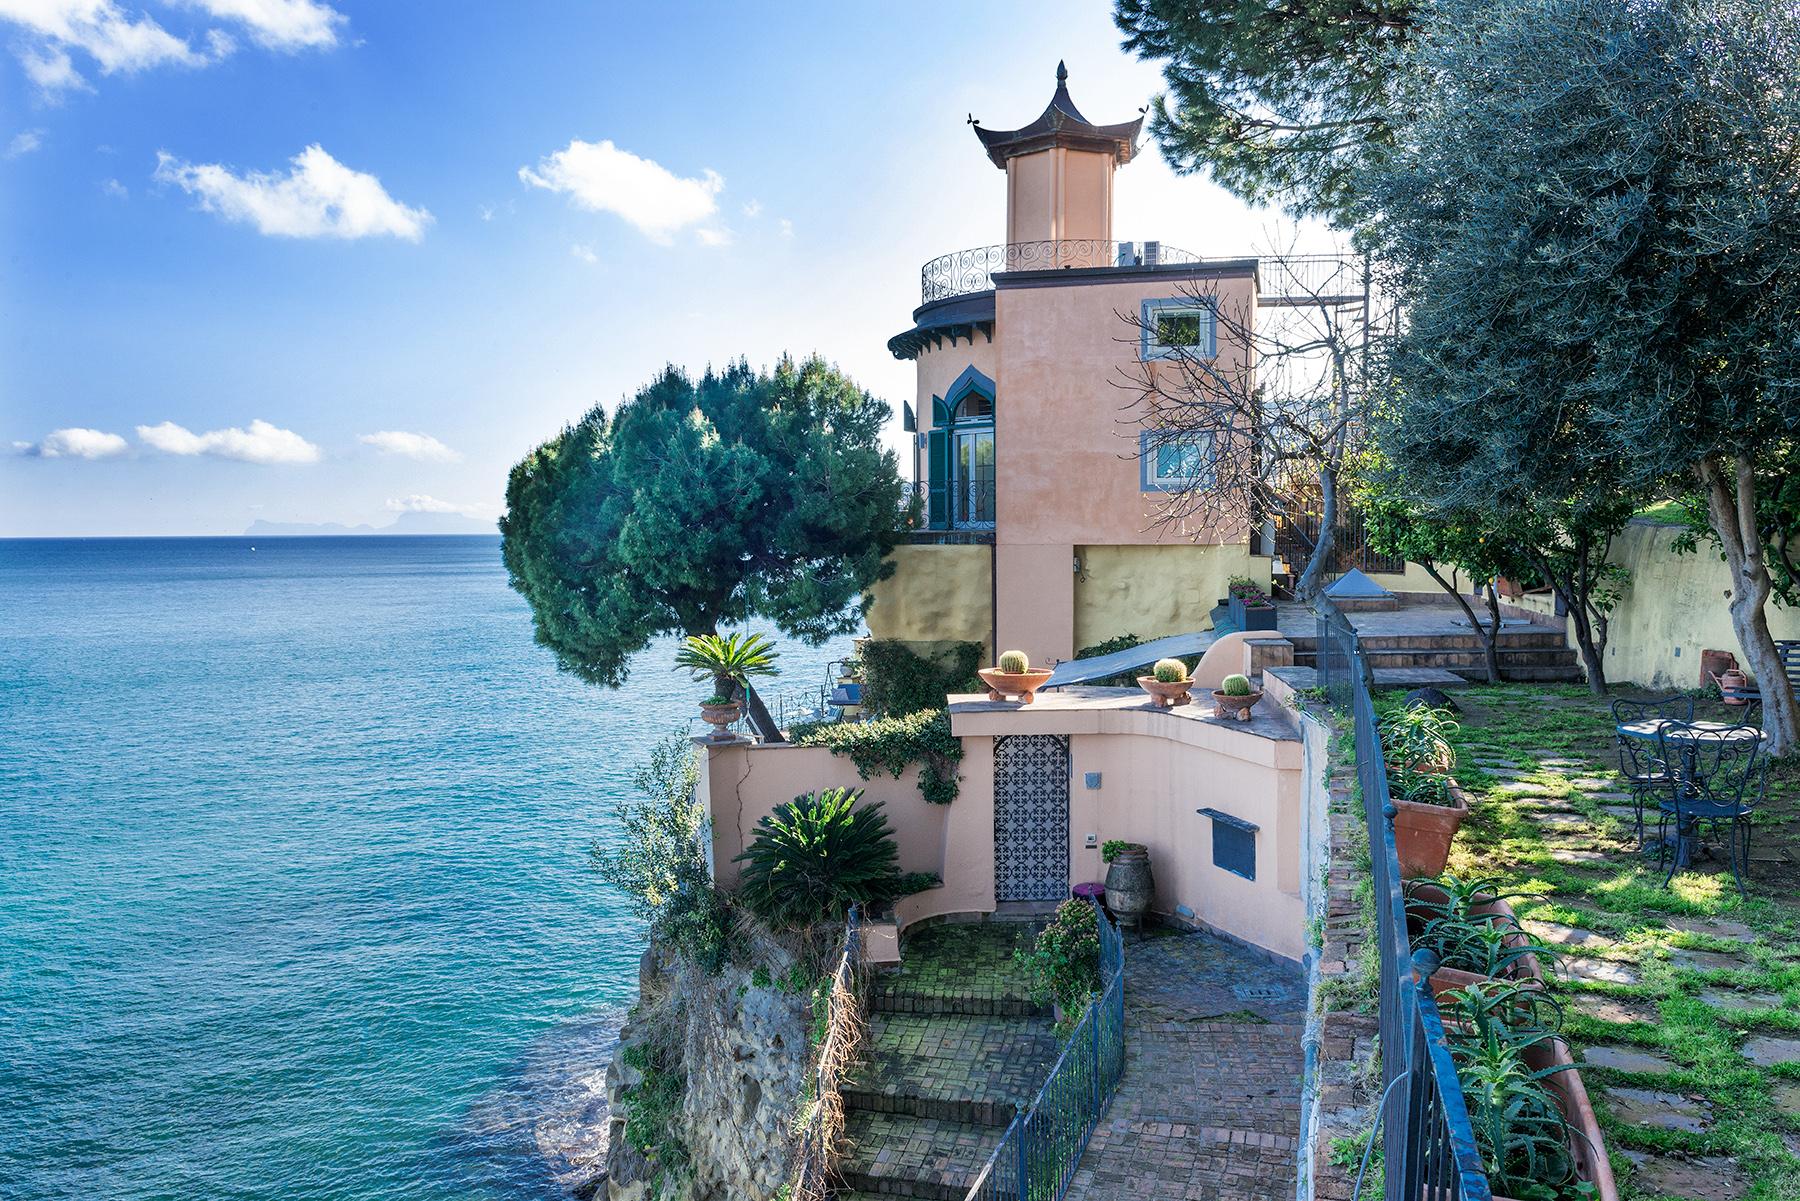 Single Family Home for Sale at Historic home pied dans l'eau in Posillipo Via Posillipo Napoli, 80123 Italy